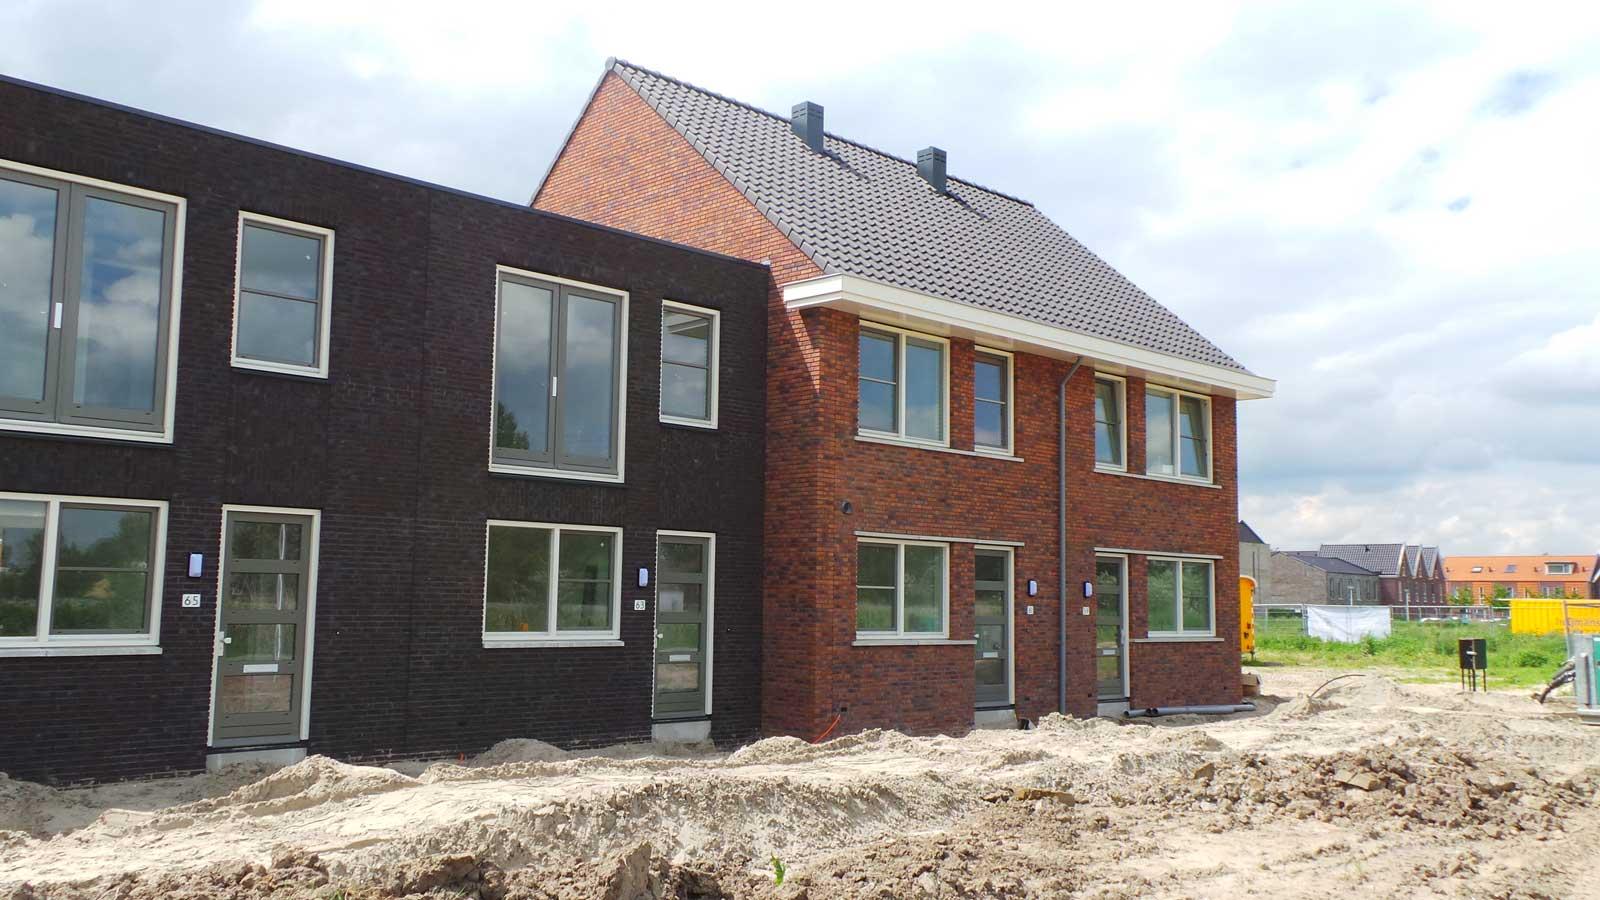 bouwupdate - CPO Starterwsoningen Weideveld Bodegraven